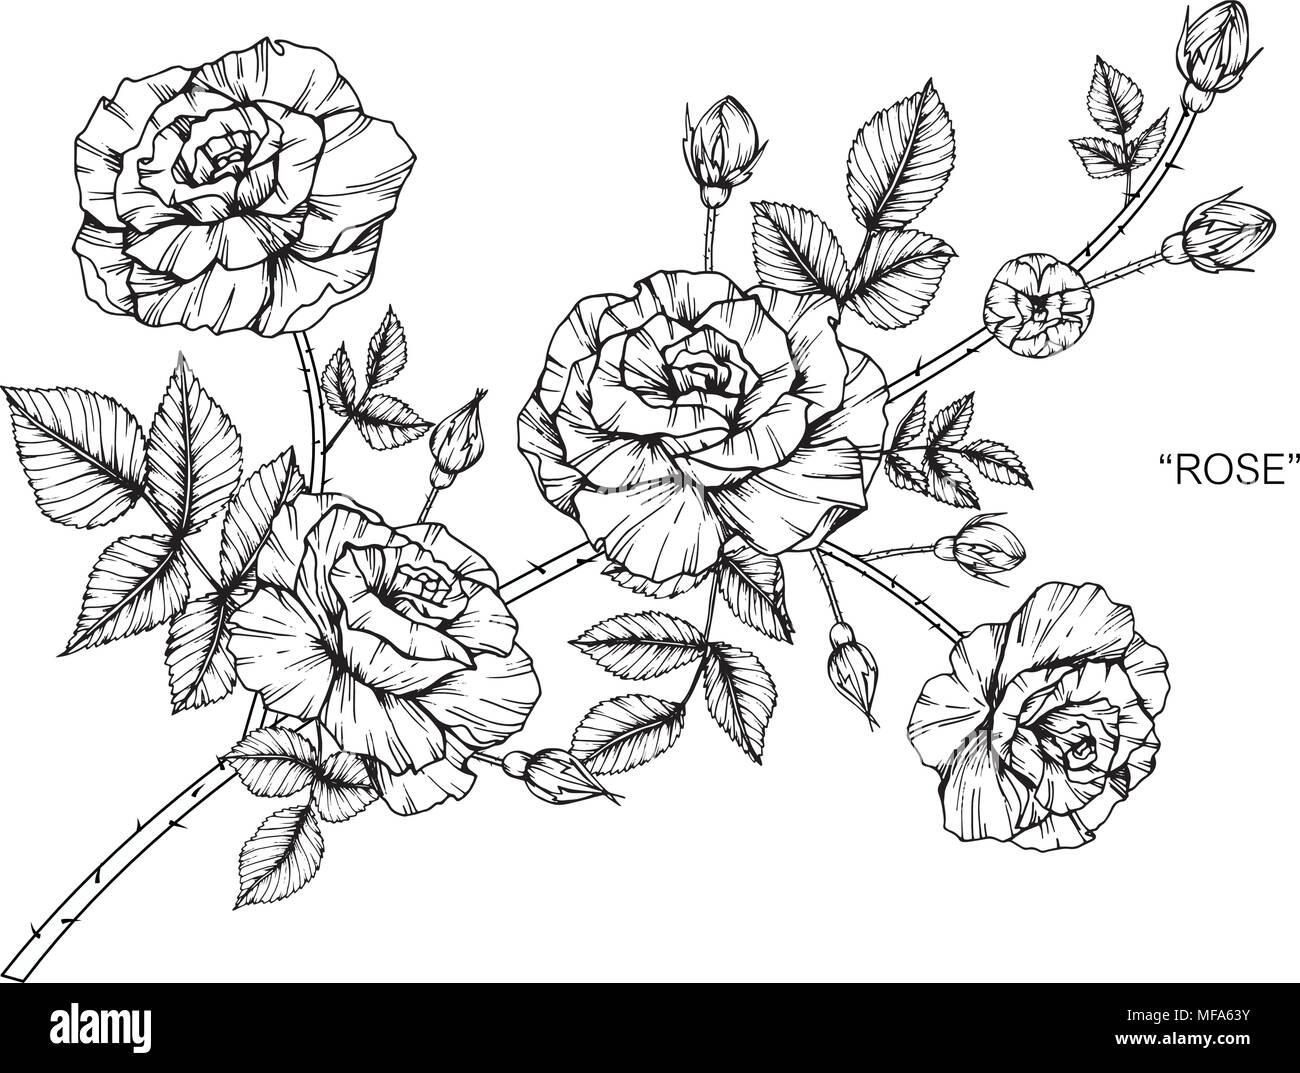 Fleur Rose Dimensions Illustration Noir Et Blanc Avec Dessin Au